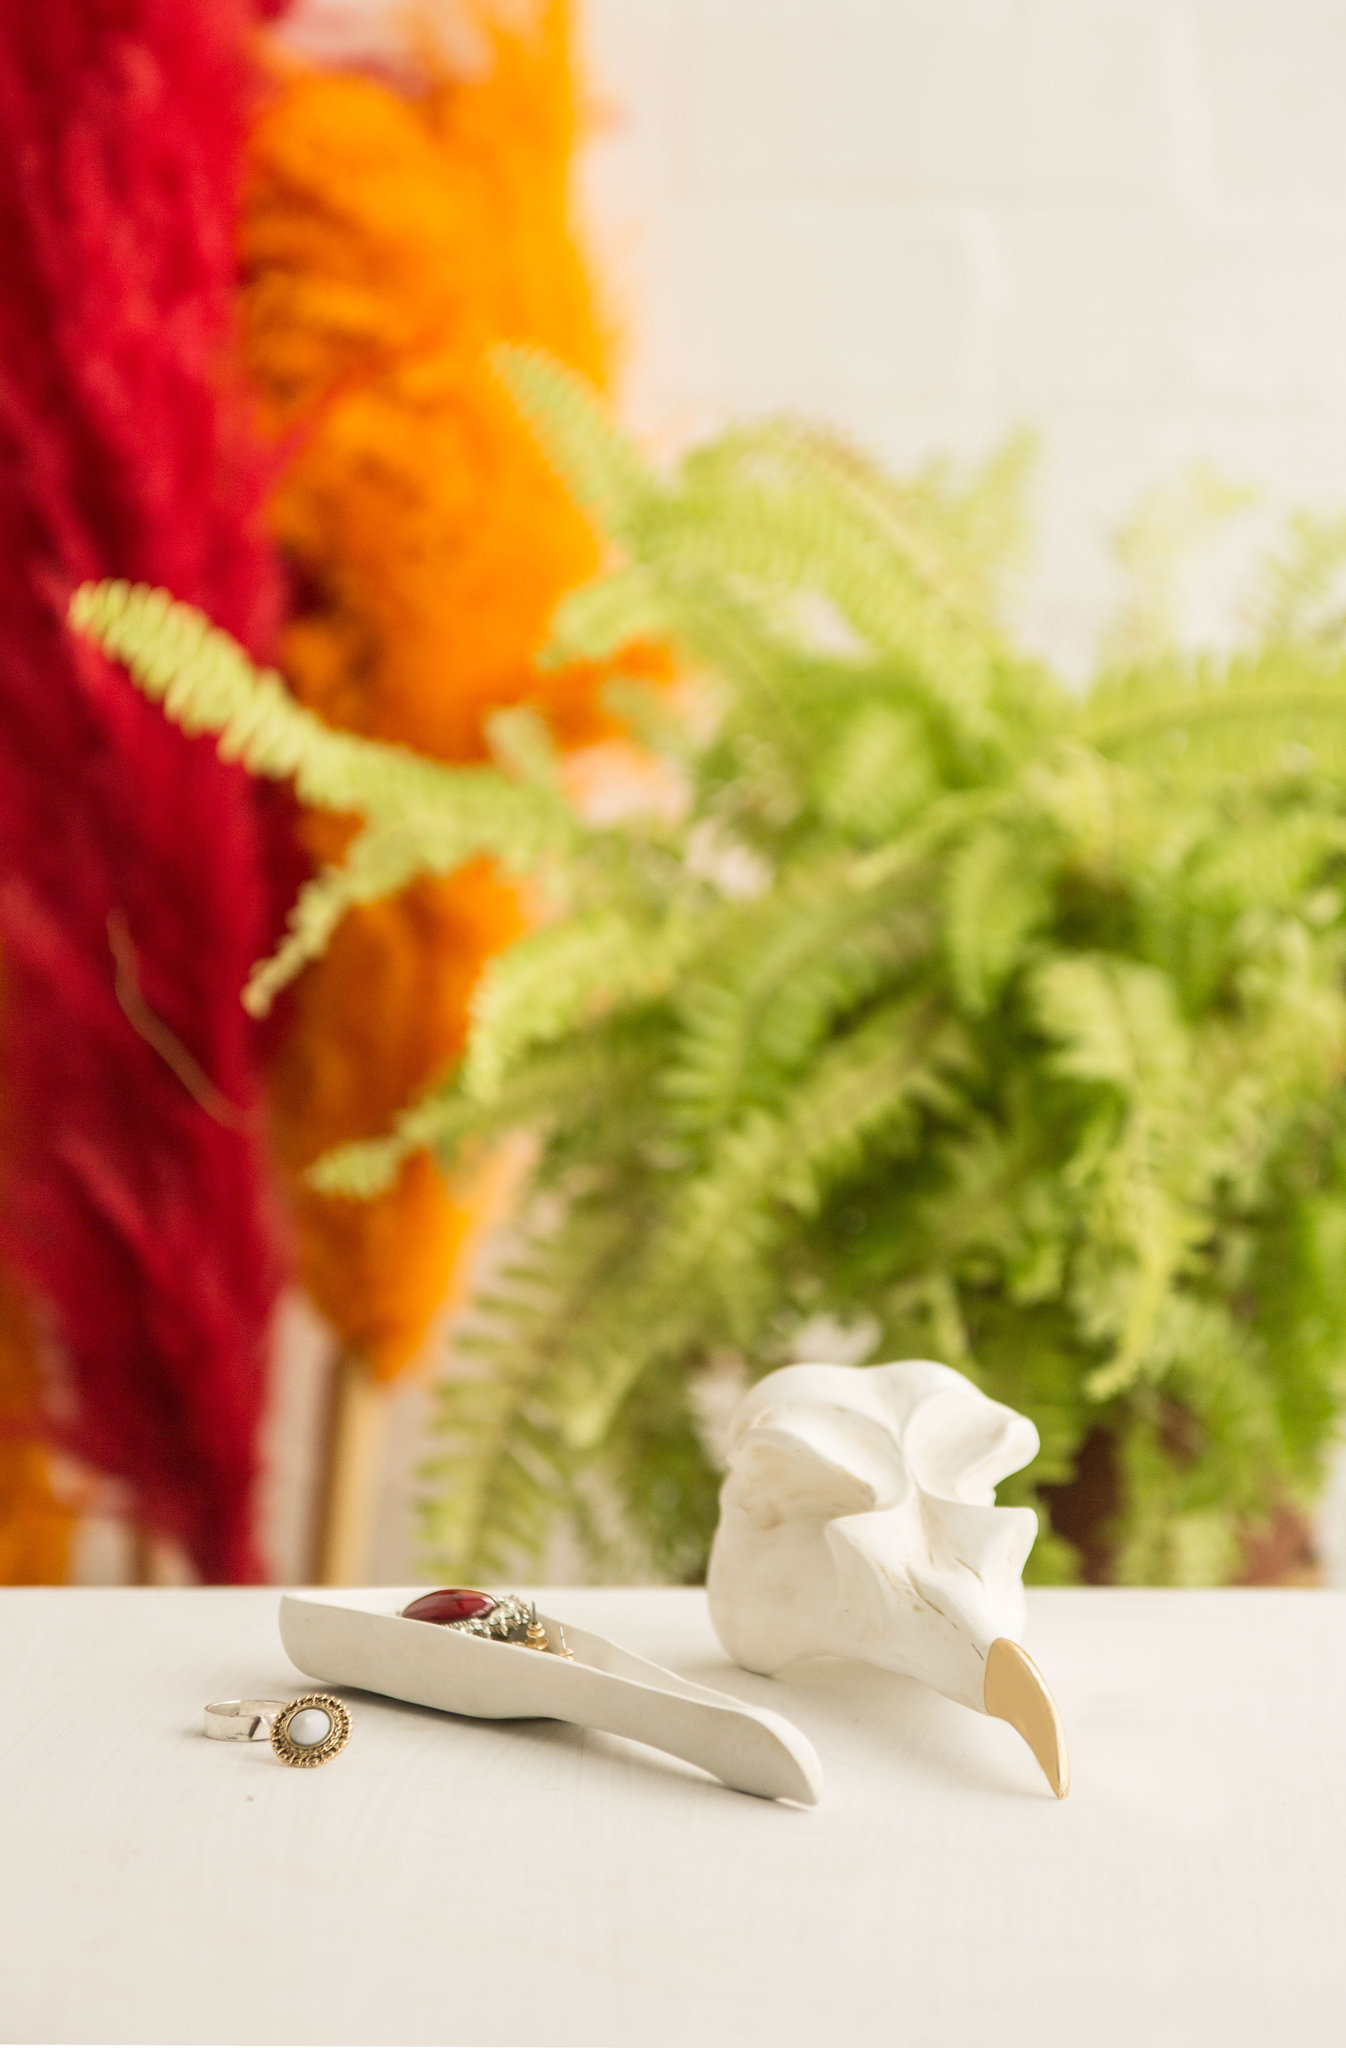 Шкатулка для хранения ювелирных украшений Bird Skull череп птицы (белый) Suck UK SK TIDYBIRD1 | Купить в Москве, СПб и с доставкой по всей России | Интернет магазин www.Kitchen-Devices.ru